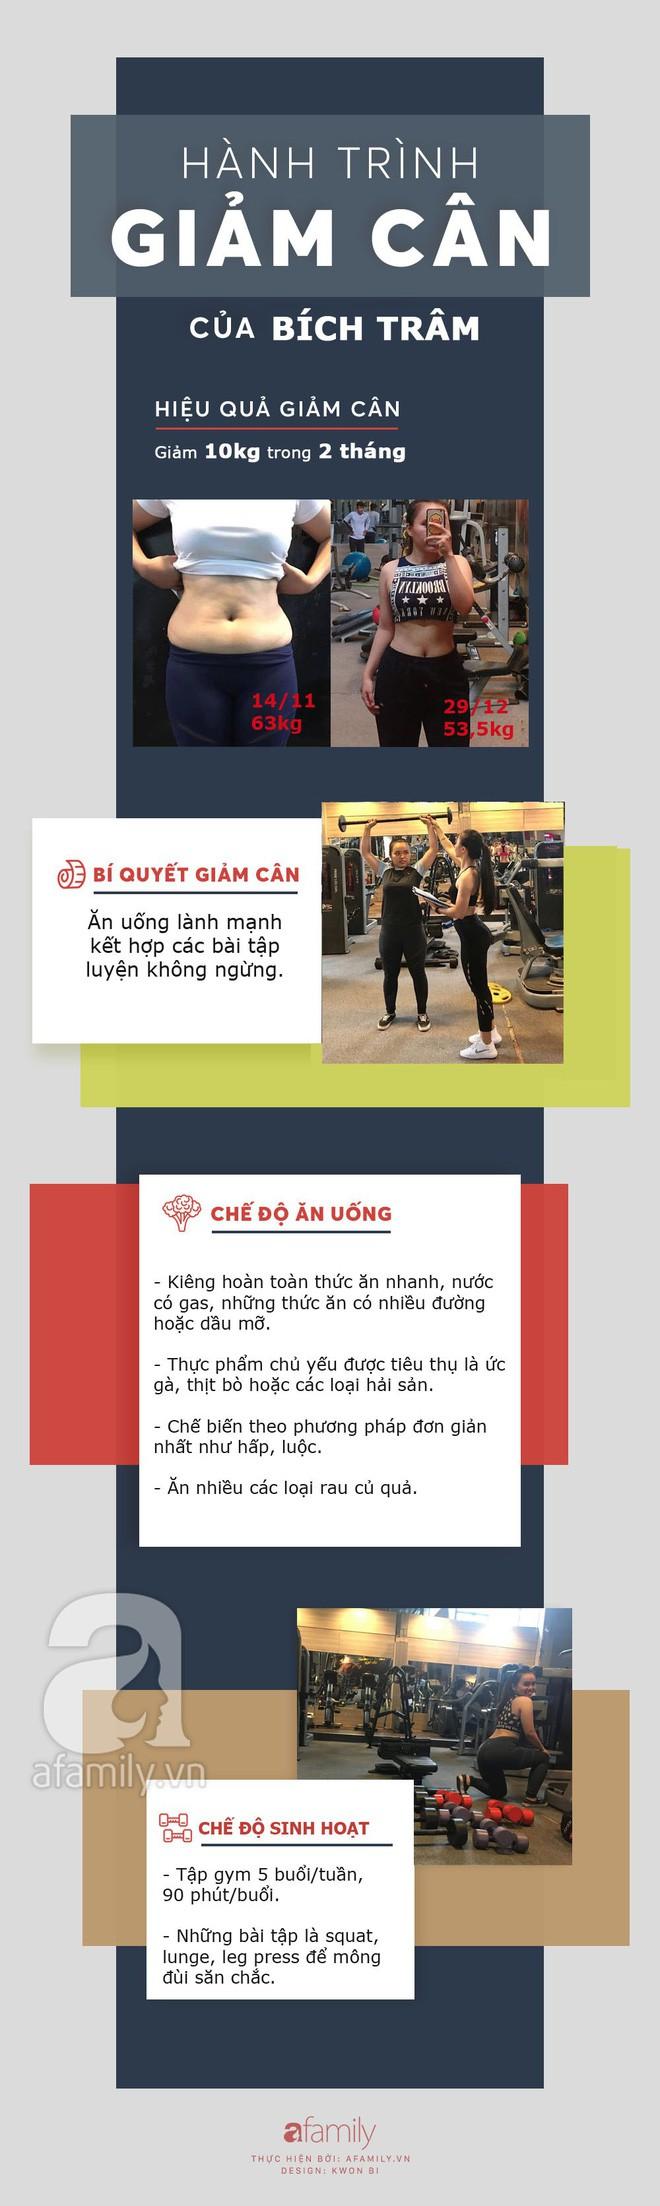 Giảm 10kg chỉ sau 2 tháng tập gym theo hướng dẫn của huấn luyện viên, cô gái trẻ sở hữu thân hình nuột nà, tự tin đón Tết - ảnh 11